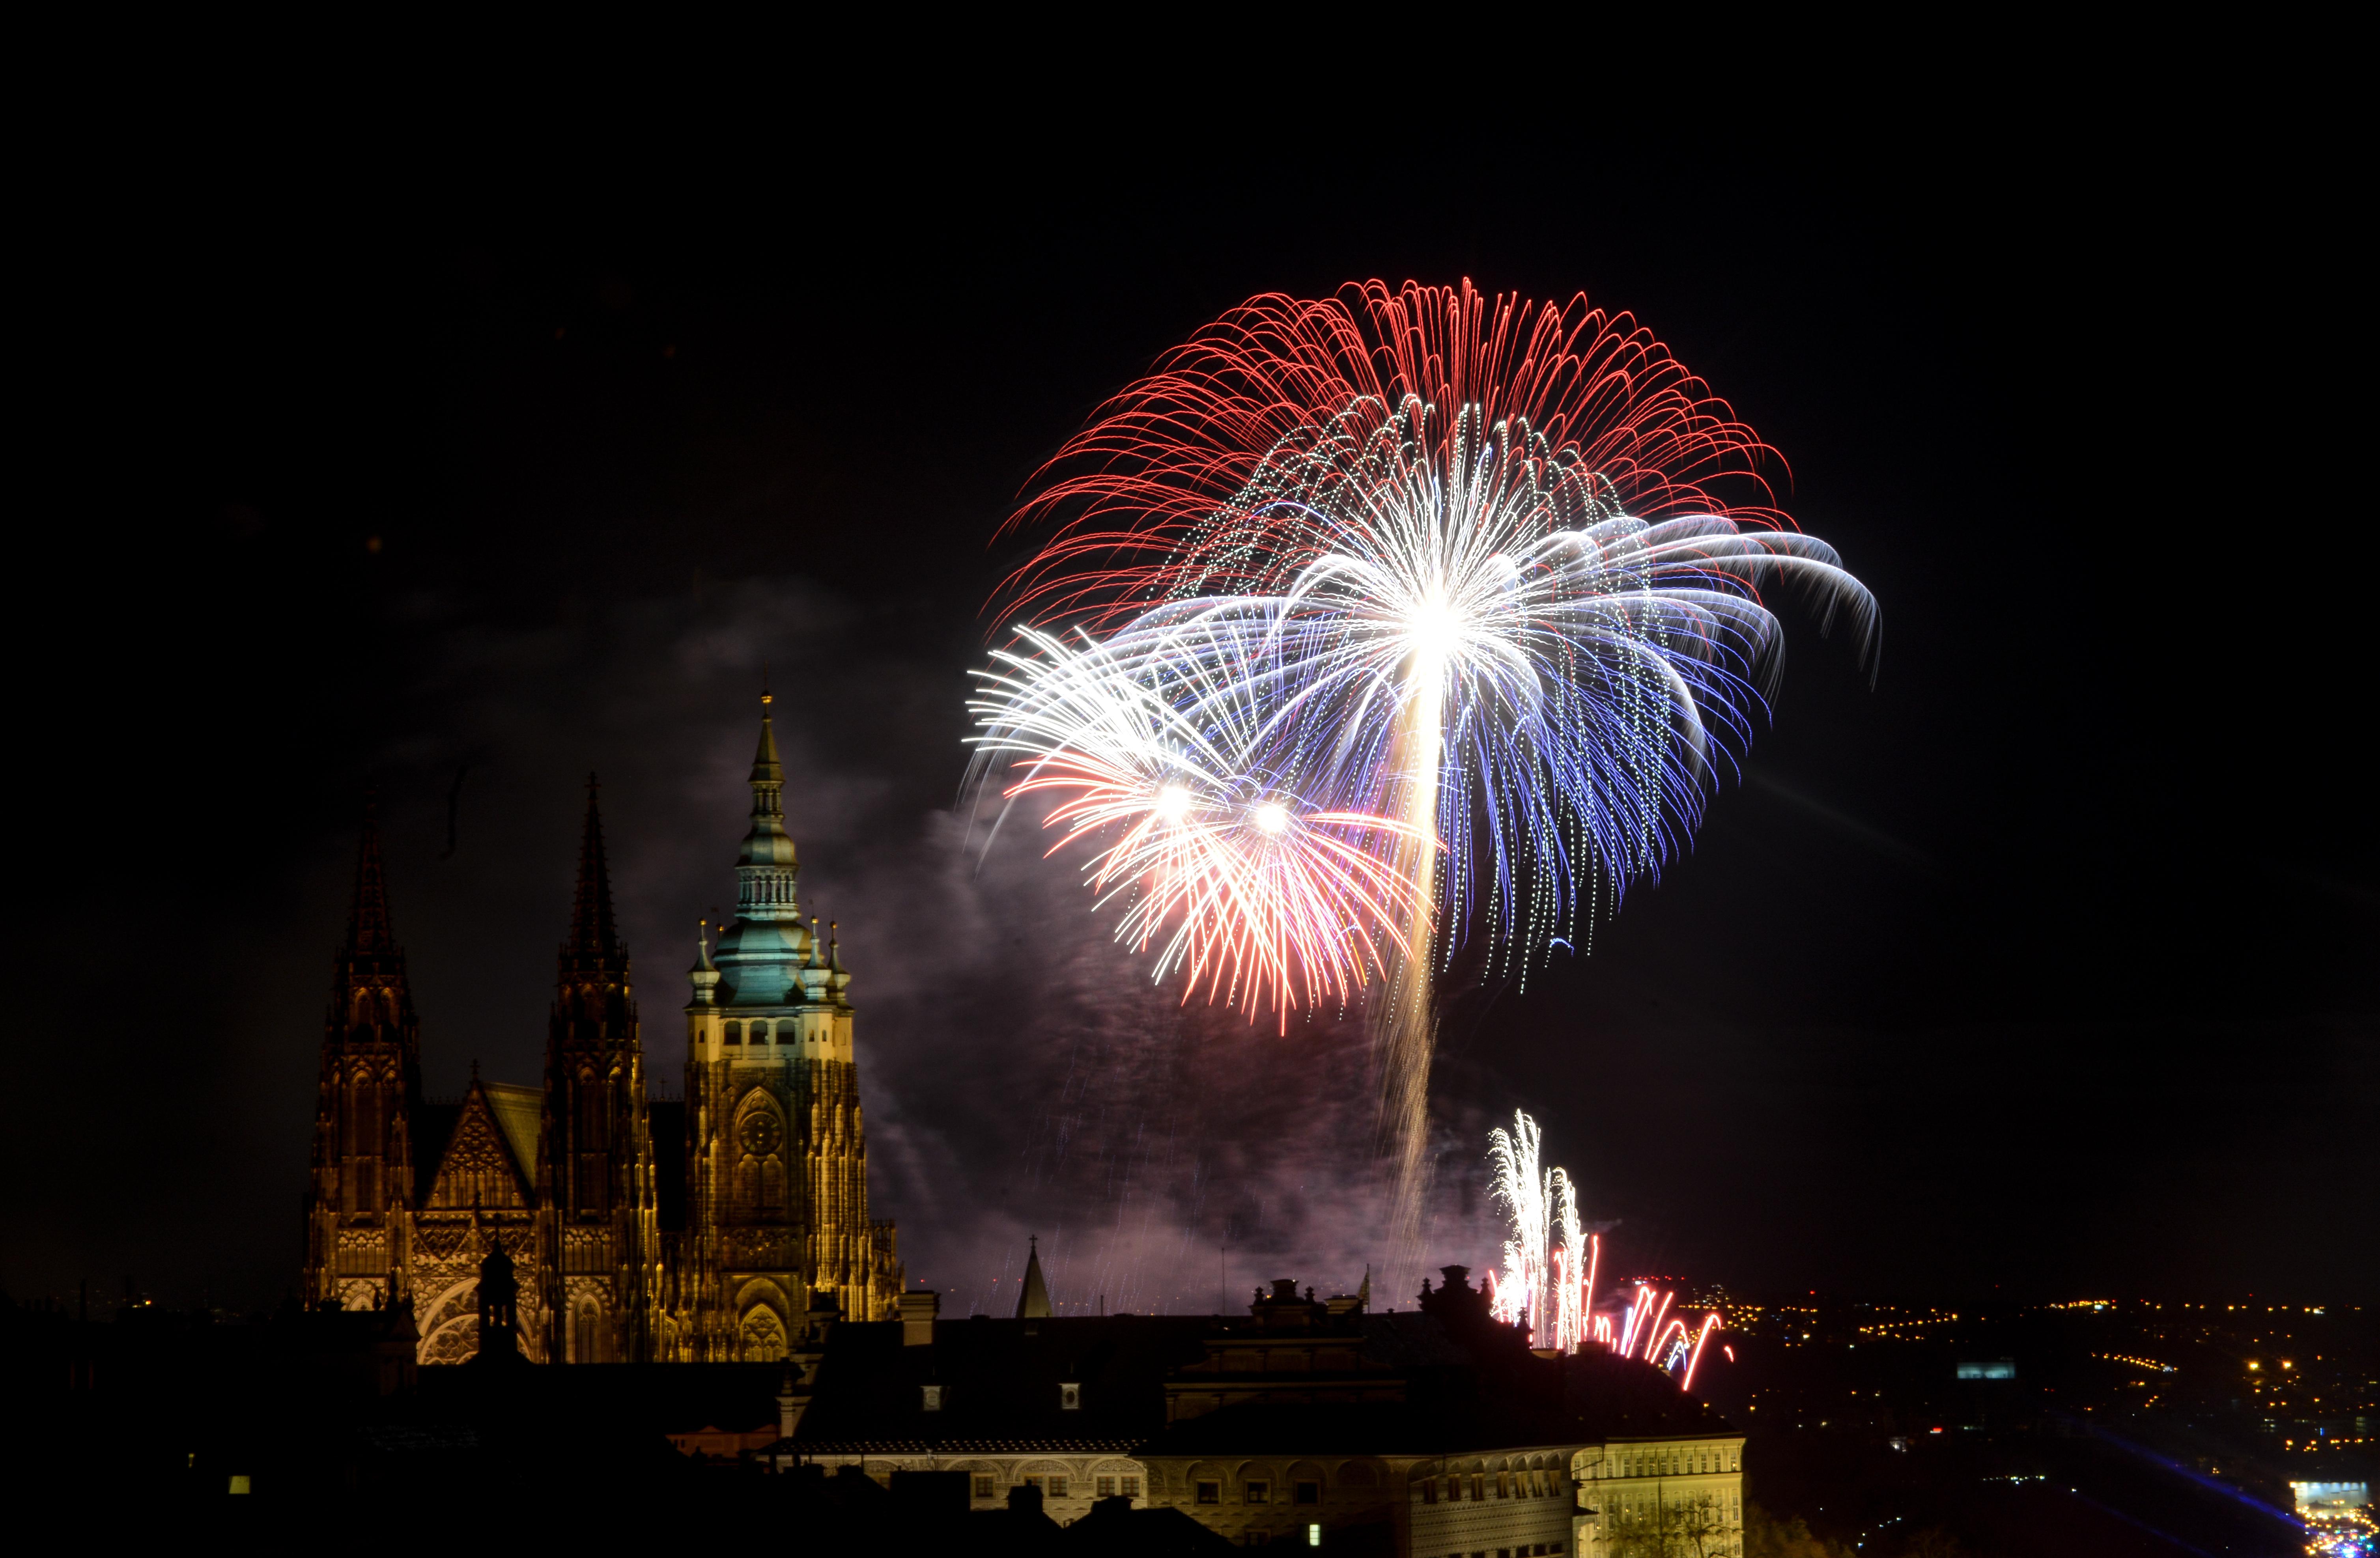 Prágában elmarad az újévi tűzijáték, mert kiürült a kassza a járvány alatt